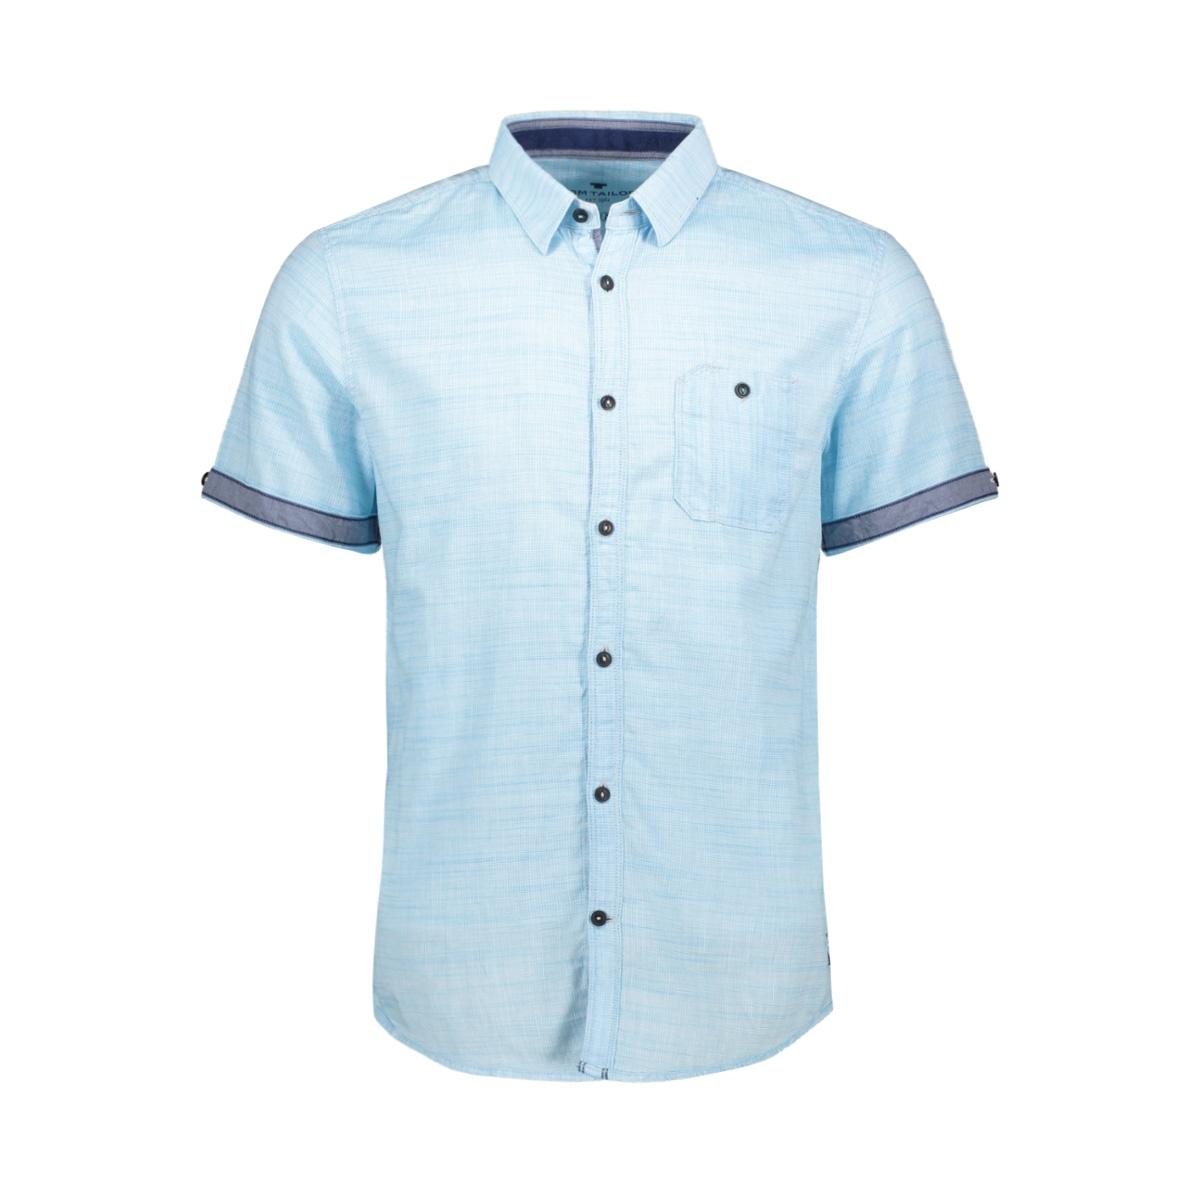 overhemd met motief 1010109xx10 tom tailor overhemd 17098